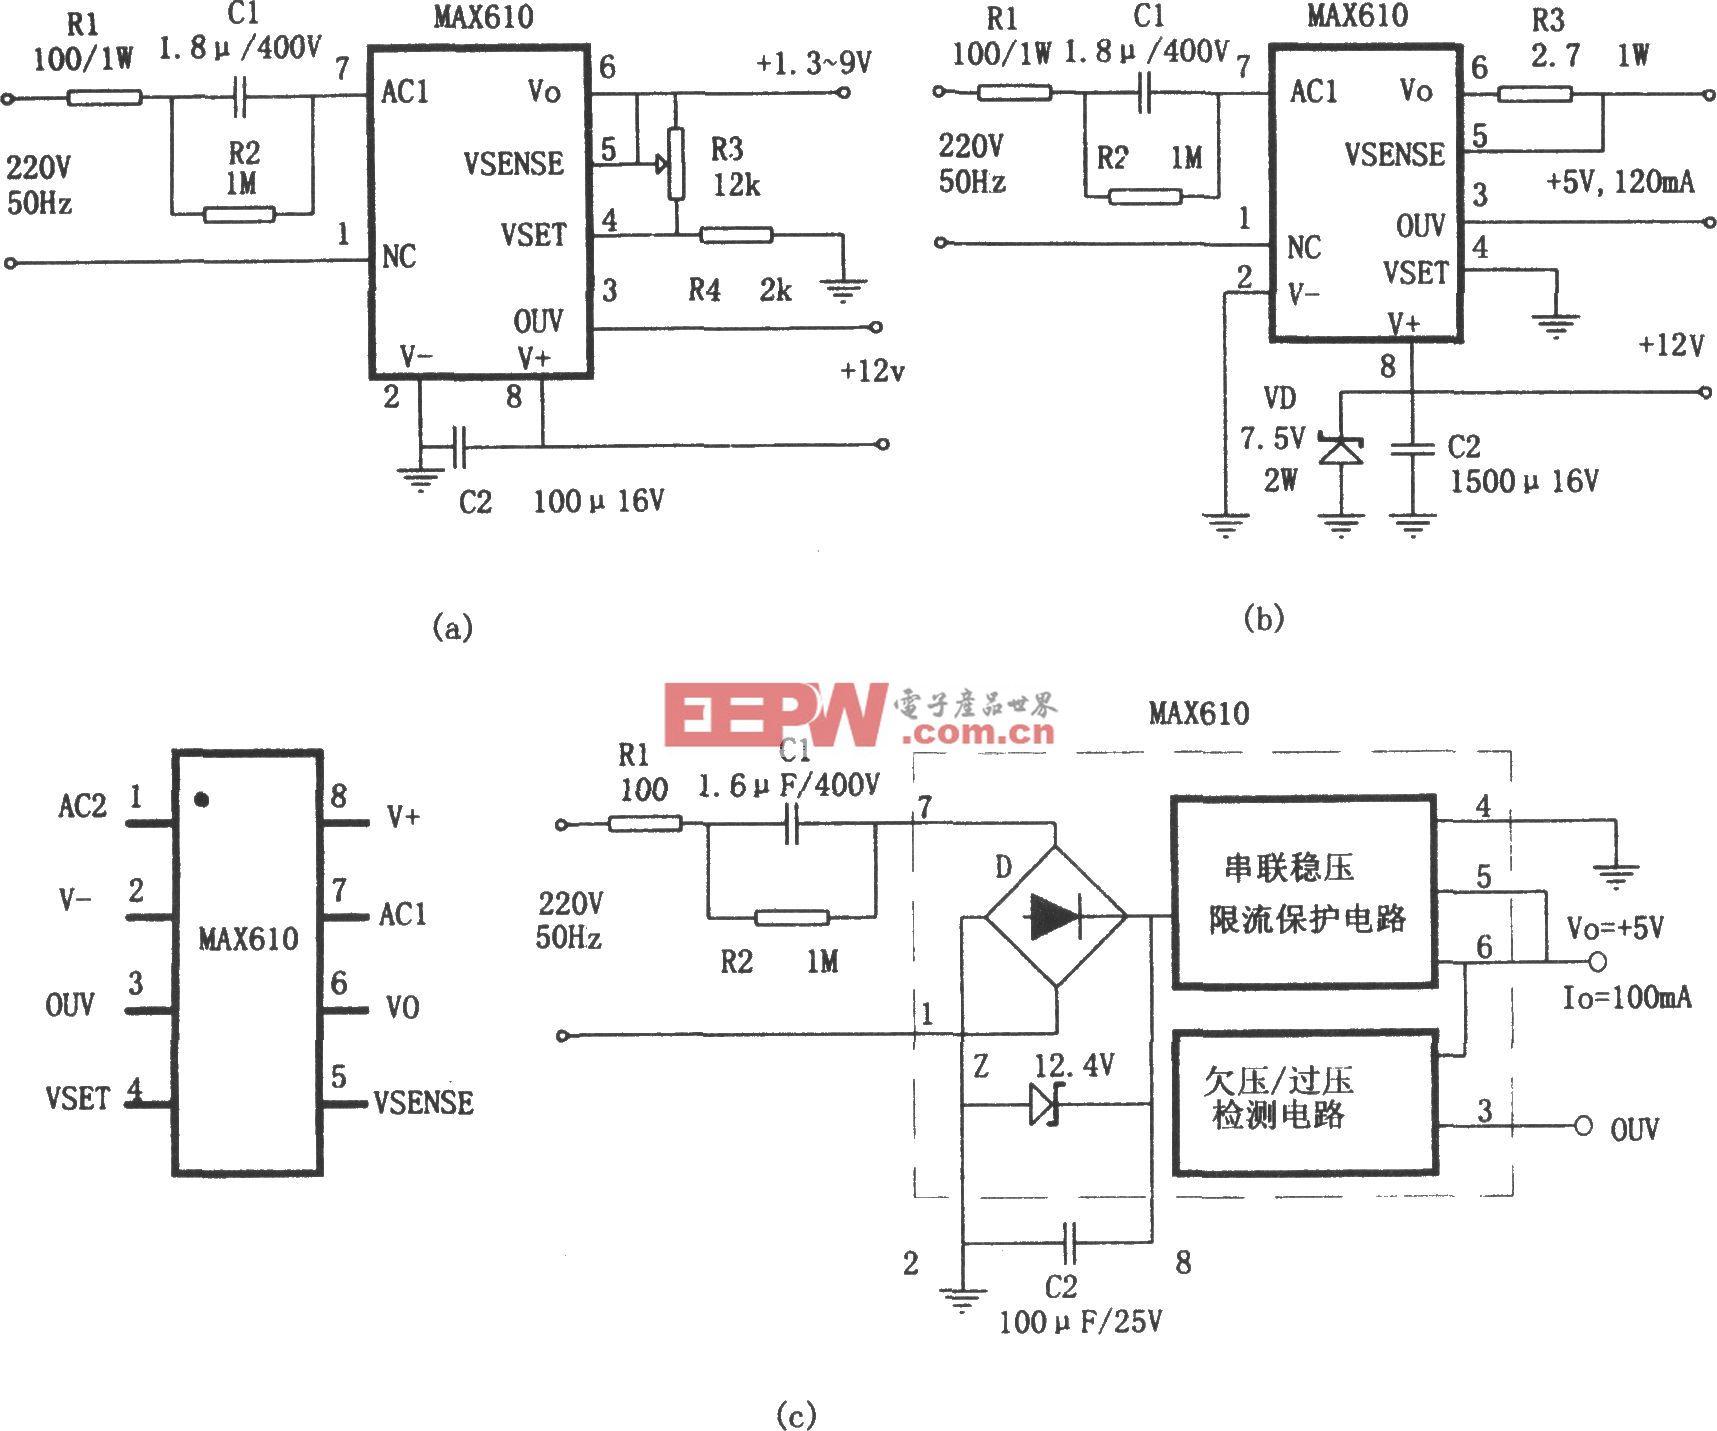 用MAX610系列AC/DC芯片构成的小功率无变压器稳压电源